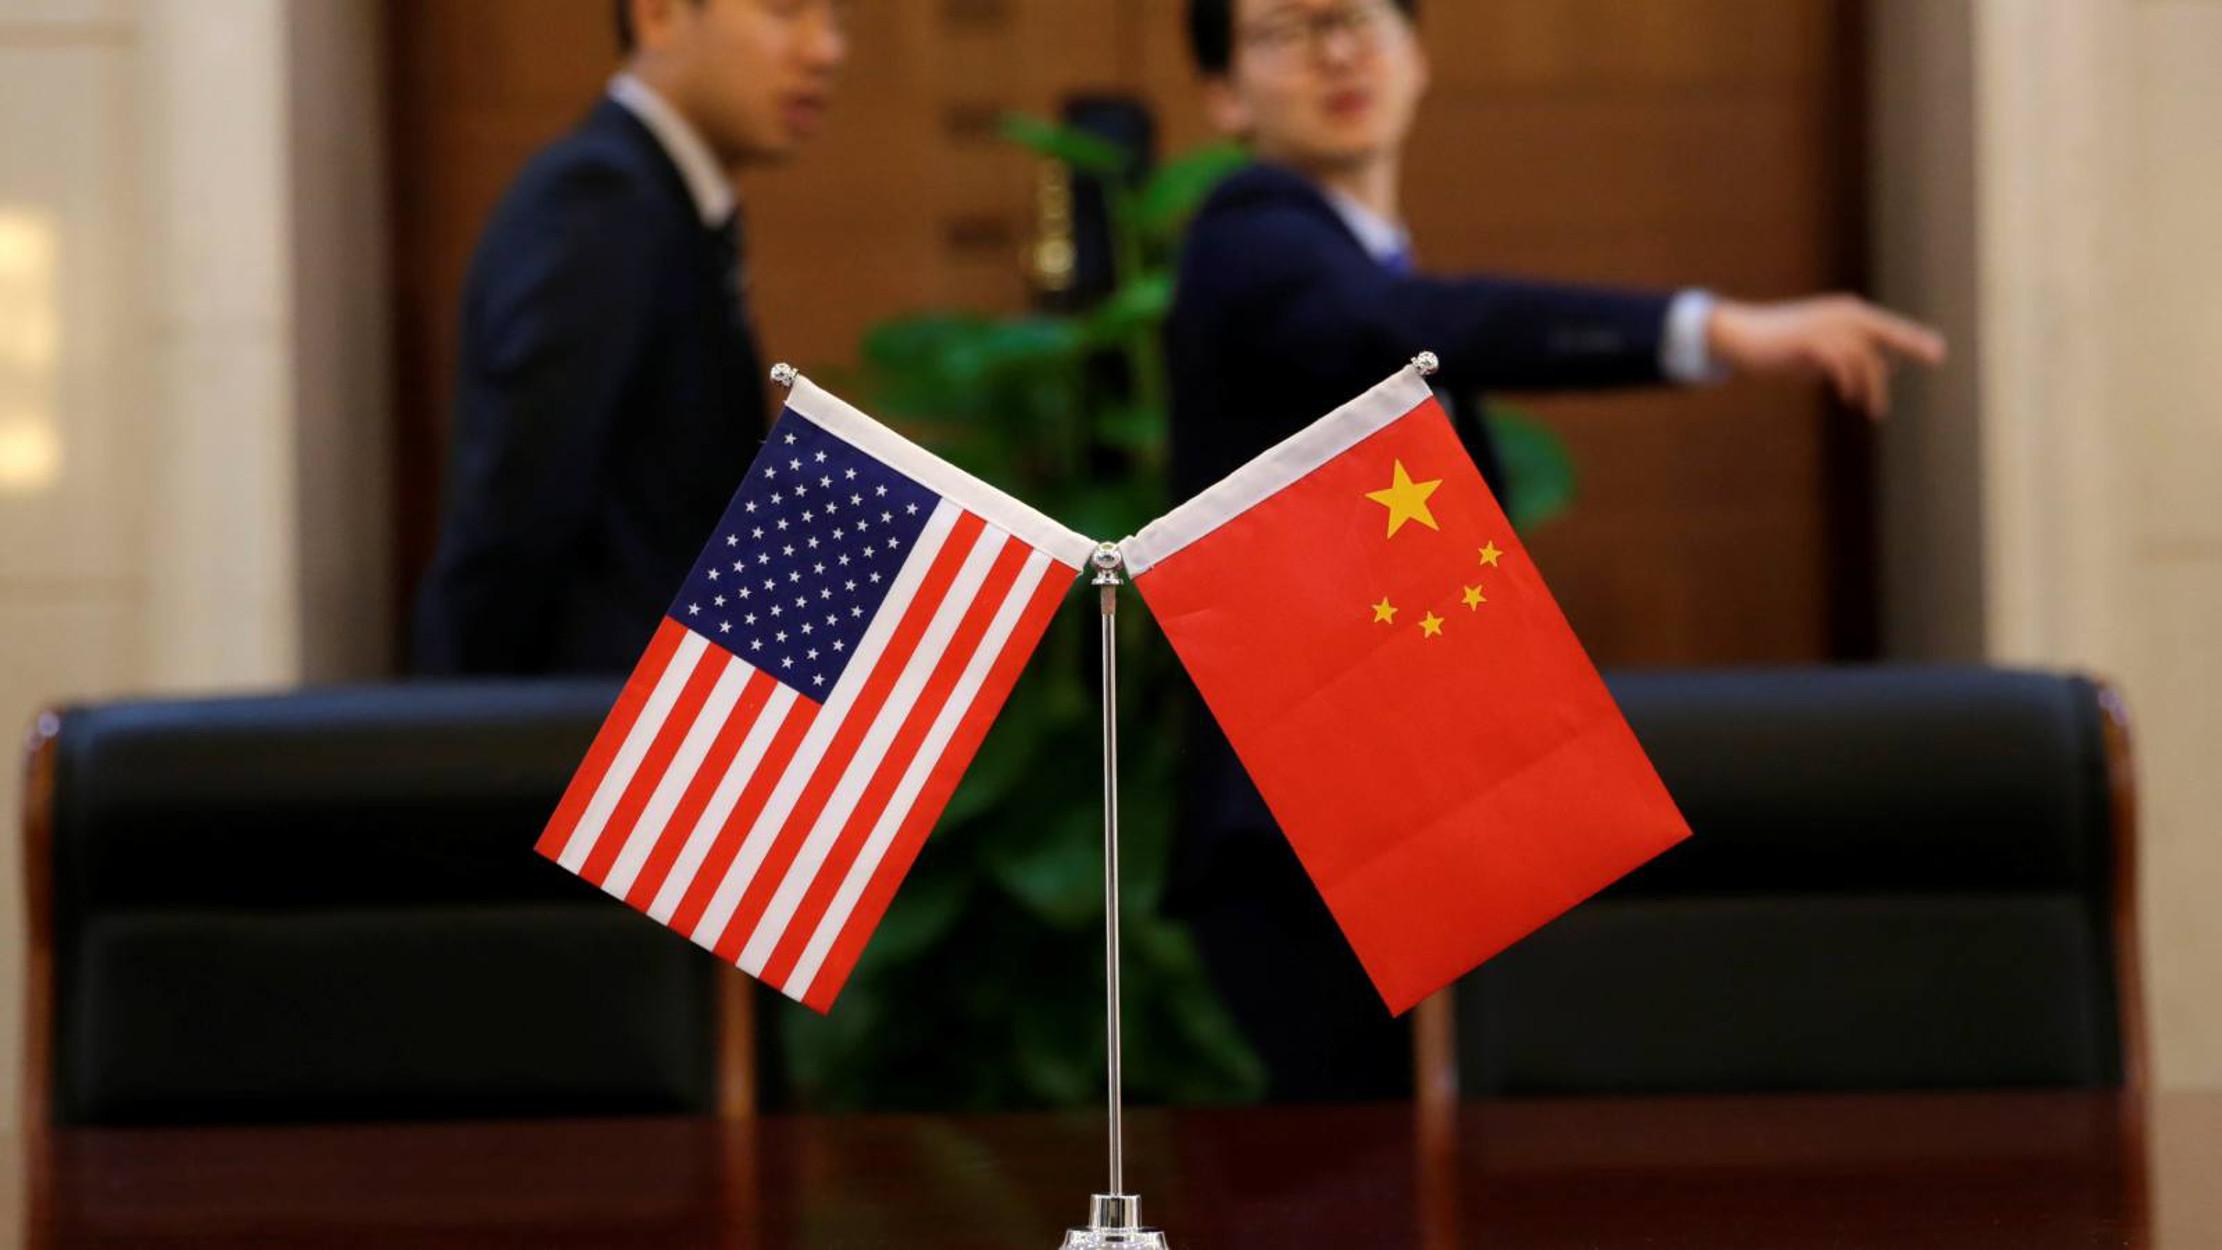 Κίνα: Ελπίζουμε να συνεργαστούμε με τις ΗΠΑ και να τελειώσει ο εμπορικός πόλεμος